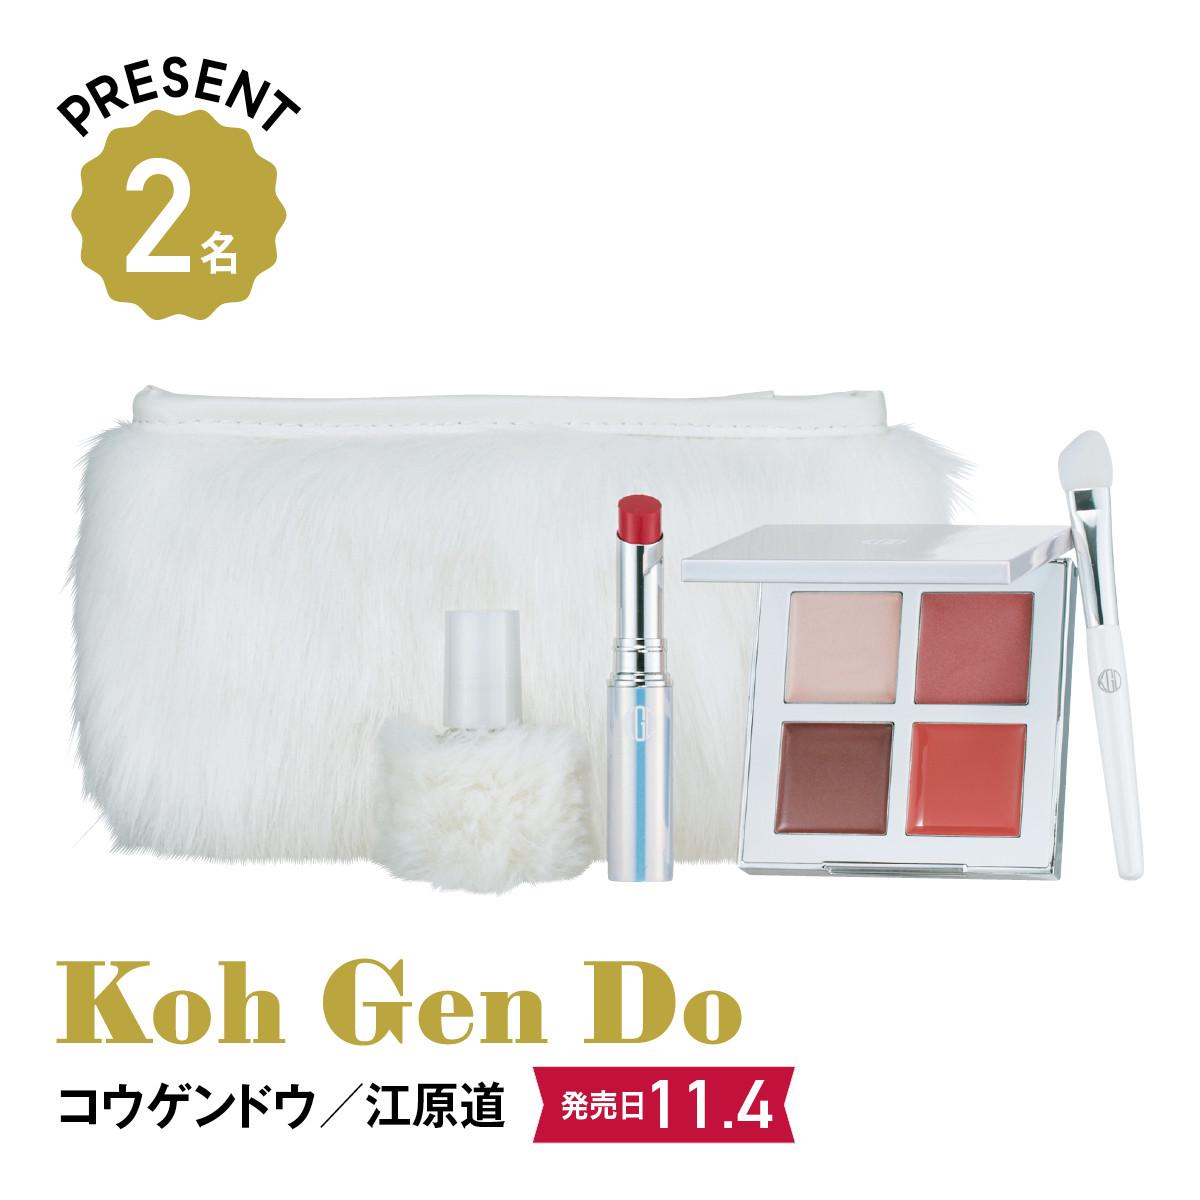 2019クリスマスコフレ&限定品:Koh Gen Do/コウゲンドウ